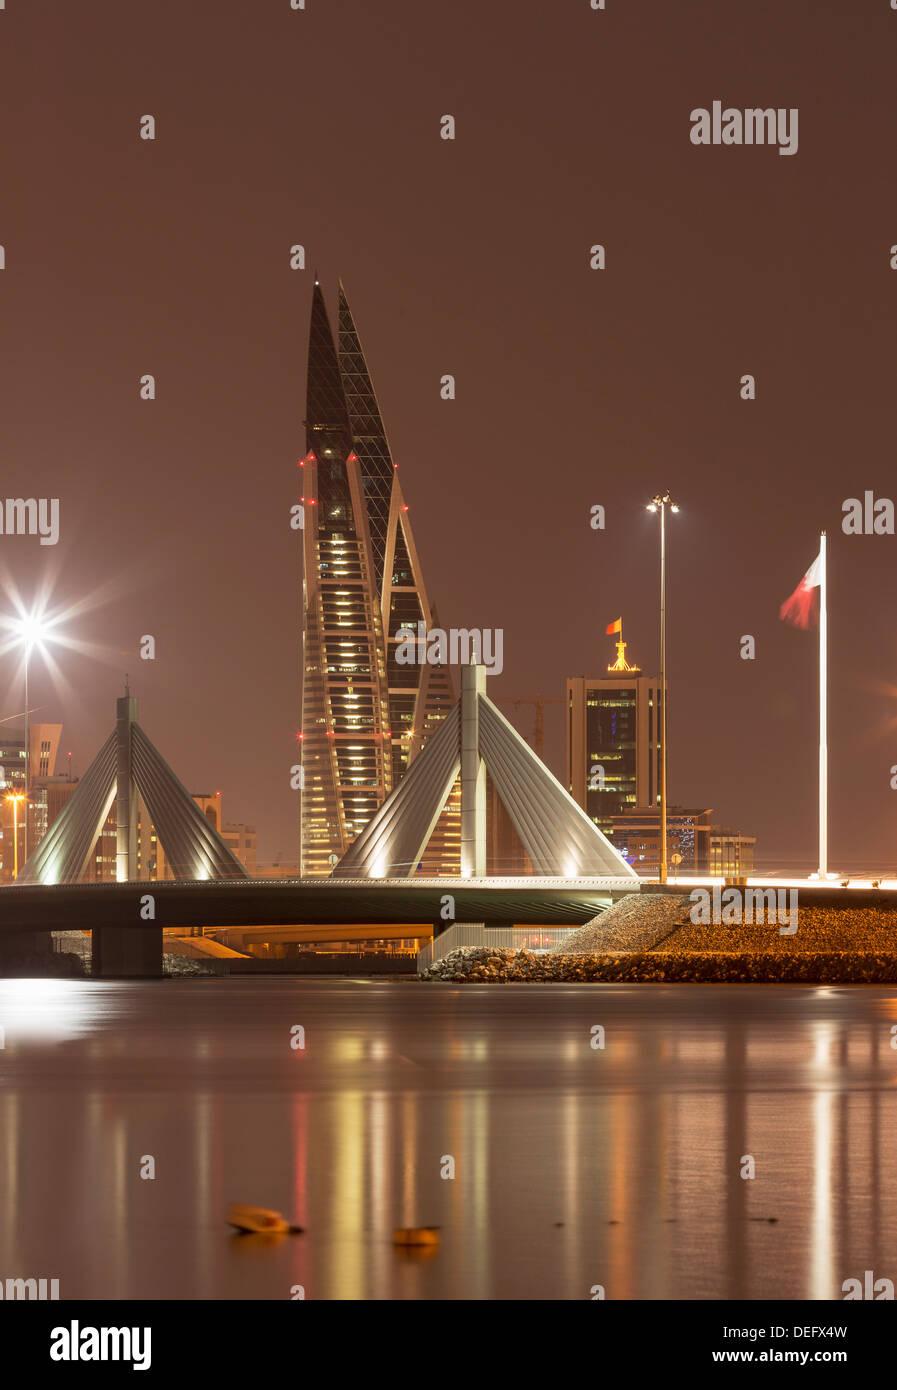 Nuit à Manama, Bahreïn, Moyen-Orient Photo Stock